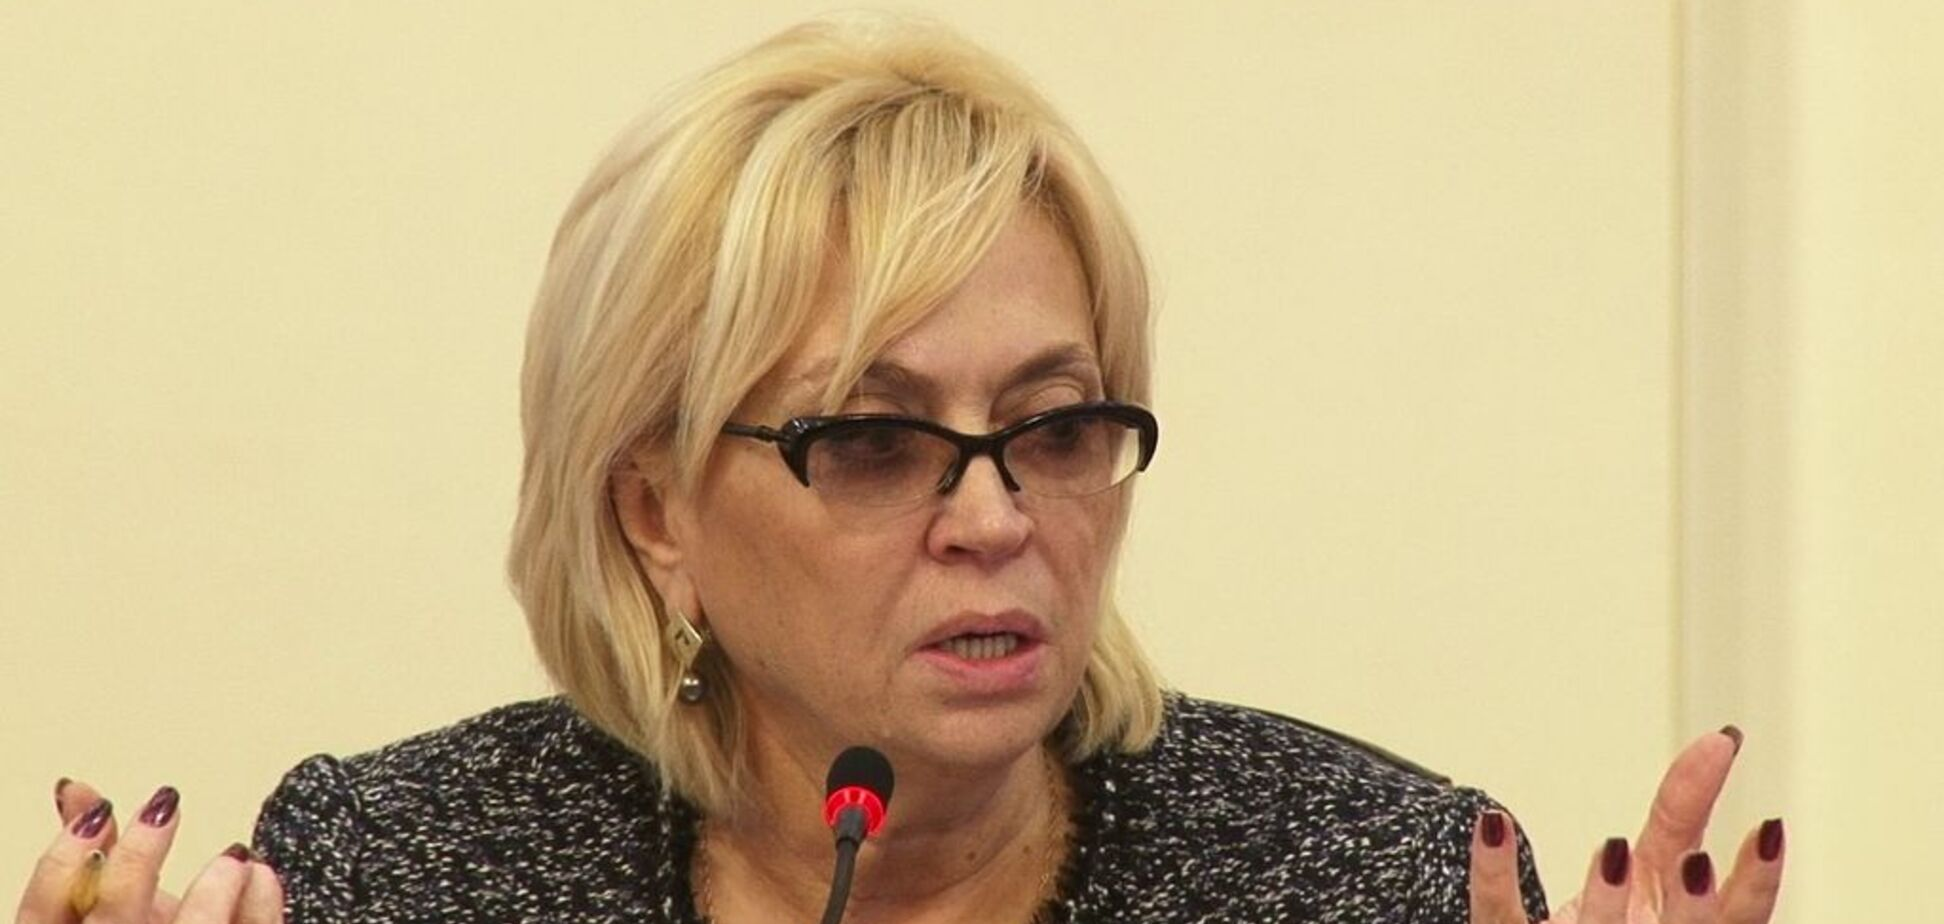 Вытащили из хозяйственной сумки: в Киеве обокрали народного депутата